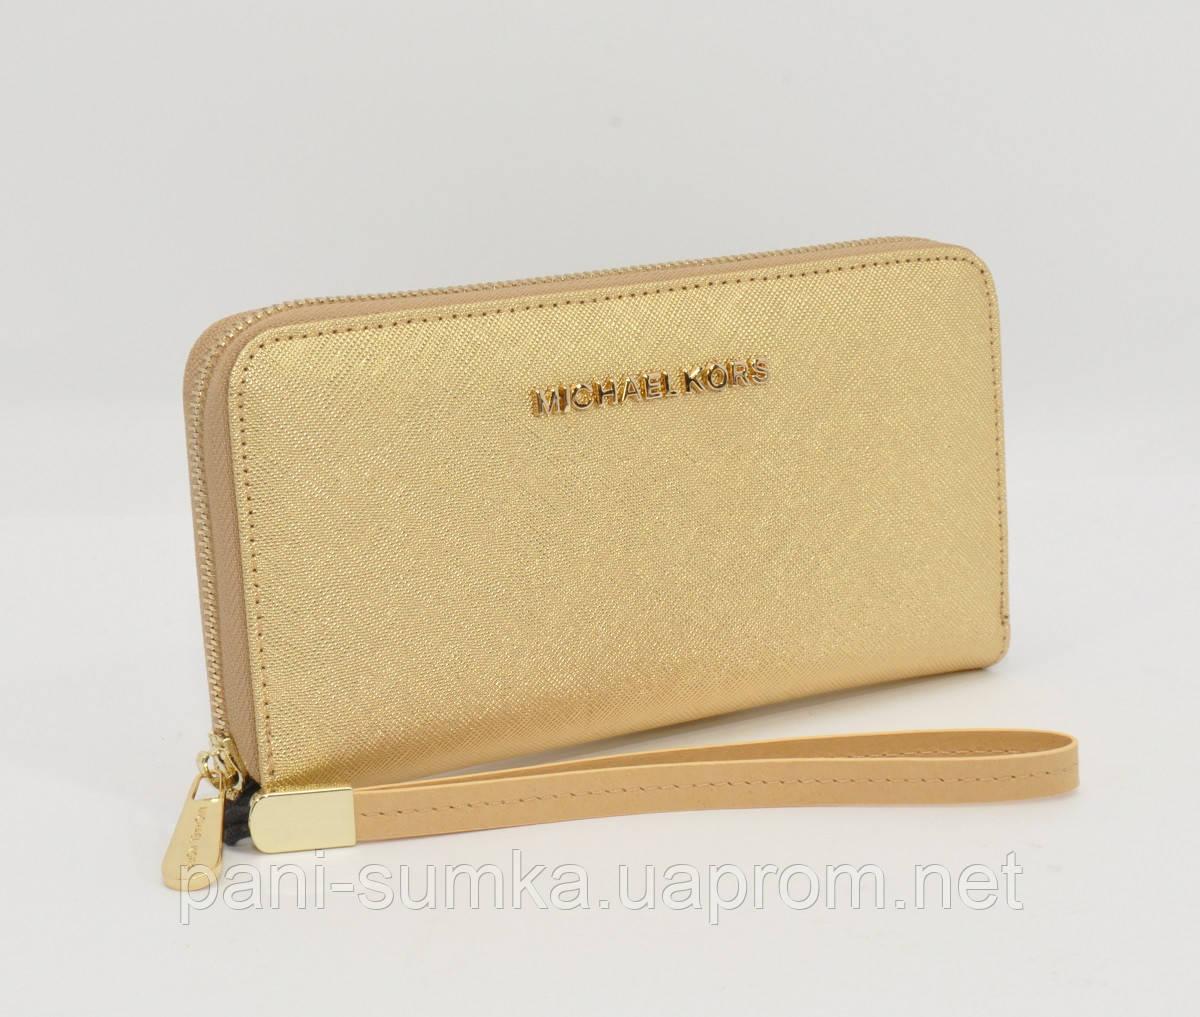 618235f02a63 Кошелек женский кожаный на молнии Michael Kors 60019-D золотистый,  расцветки, фото 1